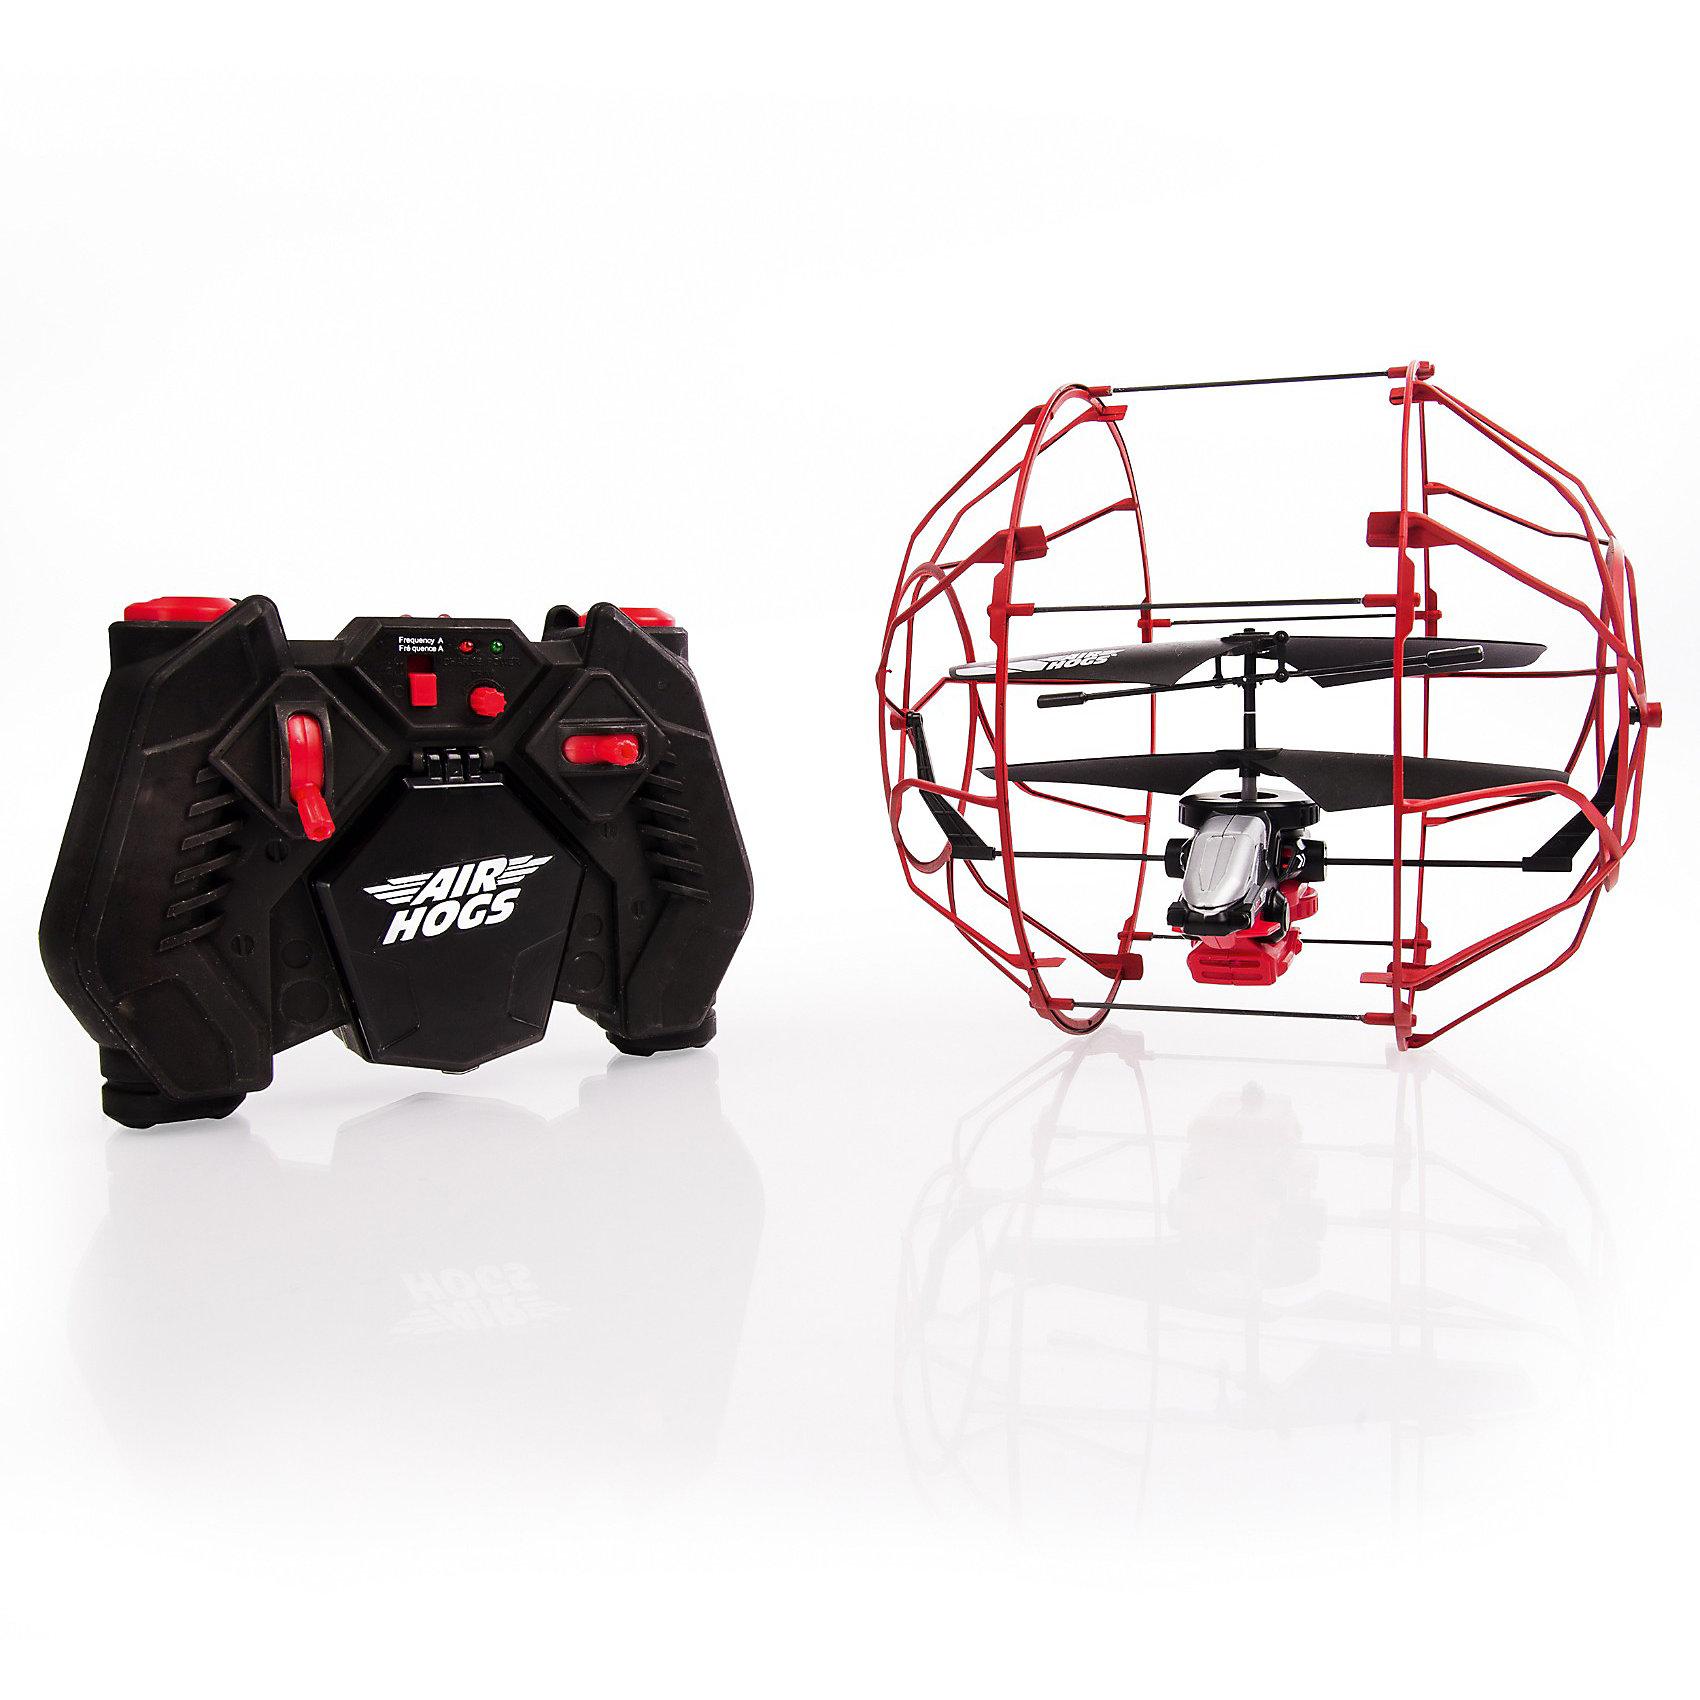 Вертолет в клетке, AIR HOGSВертолет в клетке, AIR HOGS - вертолет на и/к управлении, который не оставит равнодушным ни одного мальчишку!<br><br>Этот уникальный вертолет защищен наружной клеткой, которая создает барьер между ним и поверхностью или предметами. Клетка вращается вокруг вертолета, что позволяет ему будто бы «забираться» на стену. Модель хорошо подойдет новичкам в управлении вертолетами, с помощью которой они будут практиковаться с минимальными повреждениями игрушки. Для игры необходимо 6 батареек типа АА. Время зарядки около 30 мин, время игры около 5 мин.<br> <br>Особенности игрушки:<br><br>- Оснащен защитной клеткой<br>- Забирается по вертикальным поверхностям<br>- Идеальный вариант для новичков<br> - Необходимо 6 батареек типа АА<br> - Время зарядки около 30 мин, время игры около 5 мин.<br> <br>Дополнительная информация:<br><br>- В набор входит: модель вертолета, пульт управления, инструкция.<br>- Материал: пластмасса, металл.<br><br><br>Вертолет в клетке, AIR HOGS можно купить в нашем интернет-магазине.<br><br>Ширина мм: 288<br>Глубина мм: 258<br>Высота мм: 208<br>Вес г: 549<br>Возраст от месяцев: 96<br>Возраст до месяцев: 156<br>Пол: Мужской<br>Возраст: Детский<br>SKU: 3629365